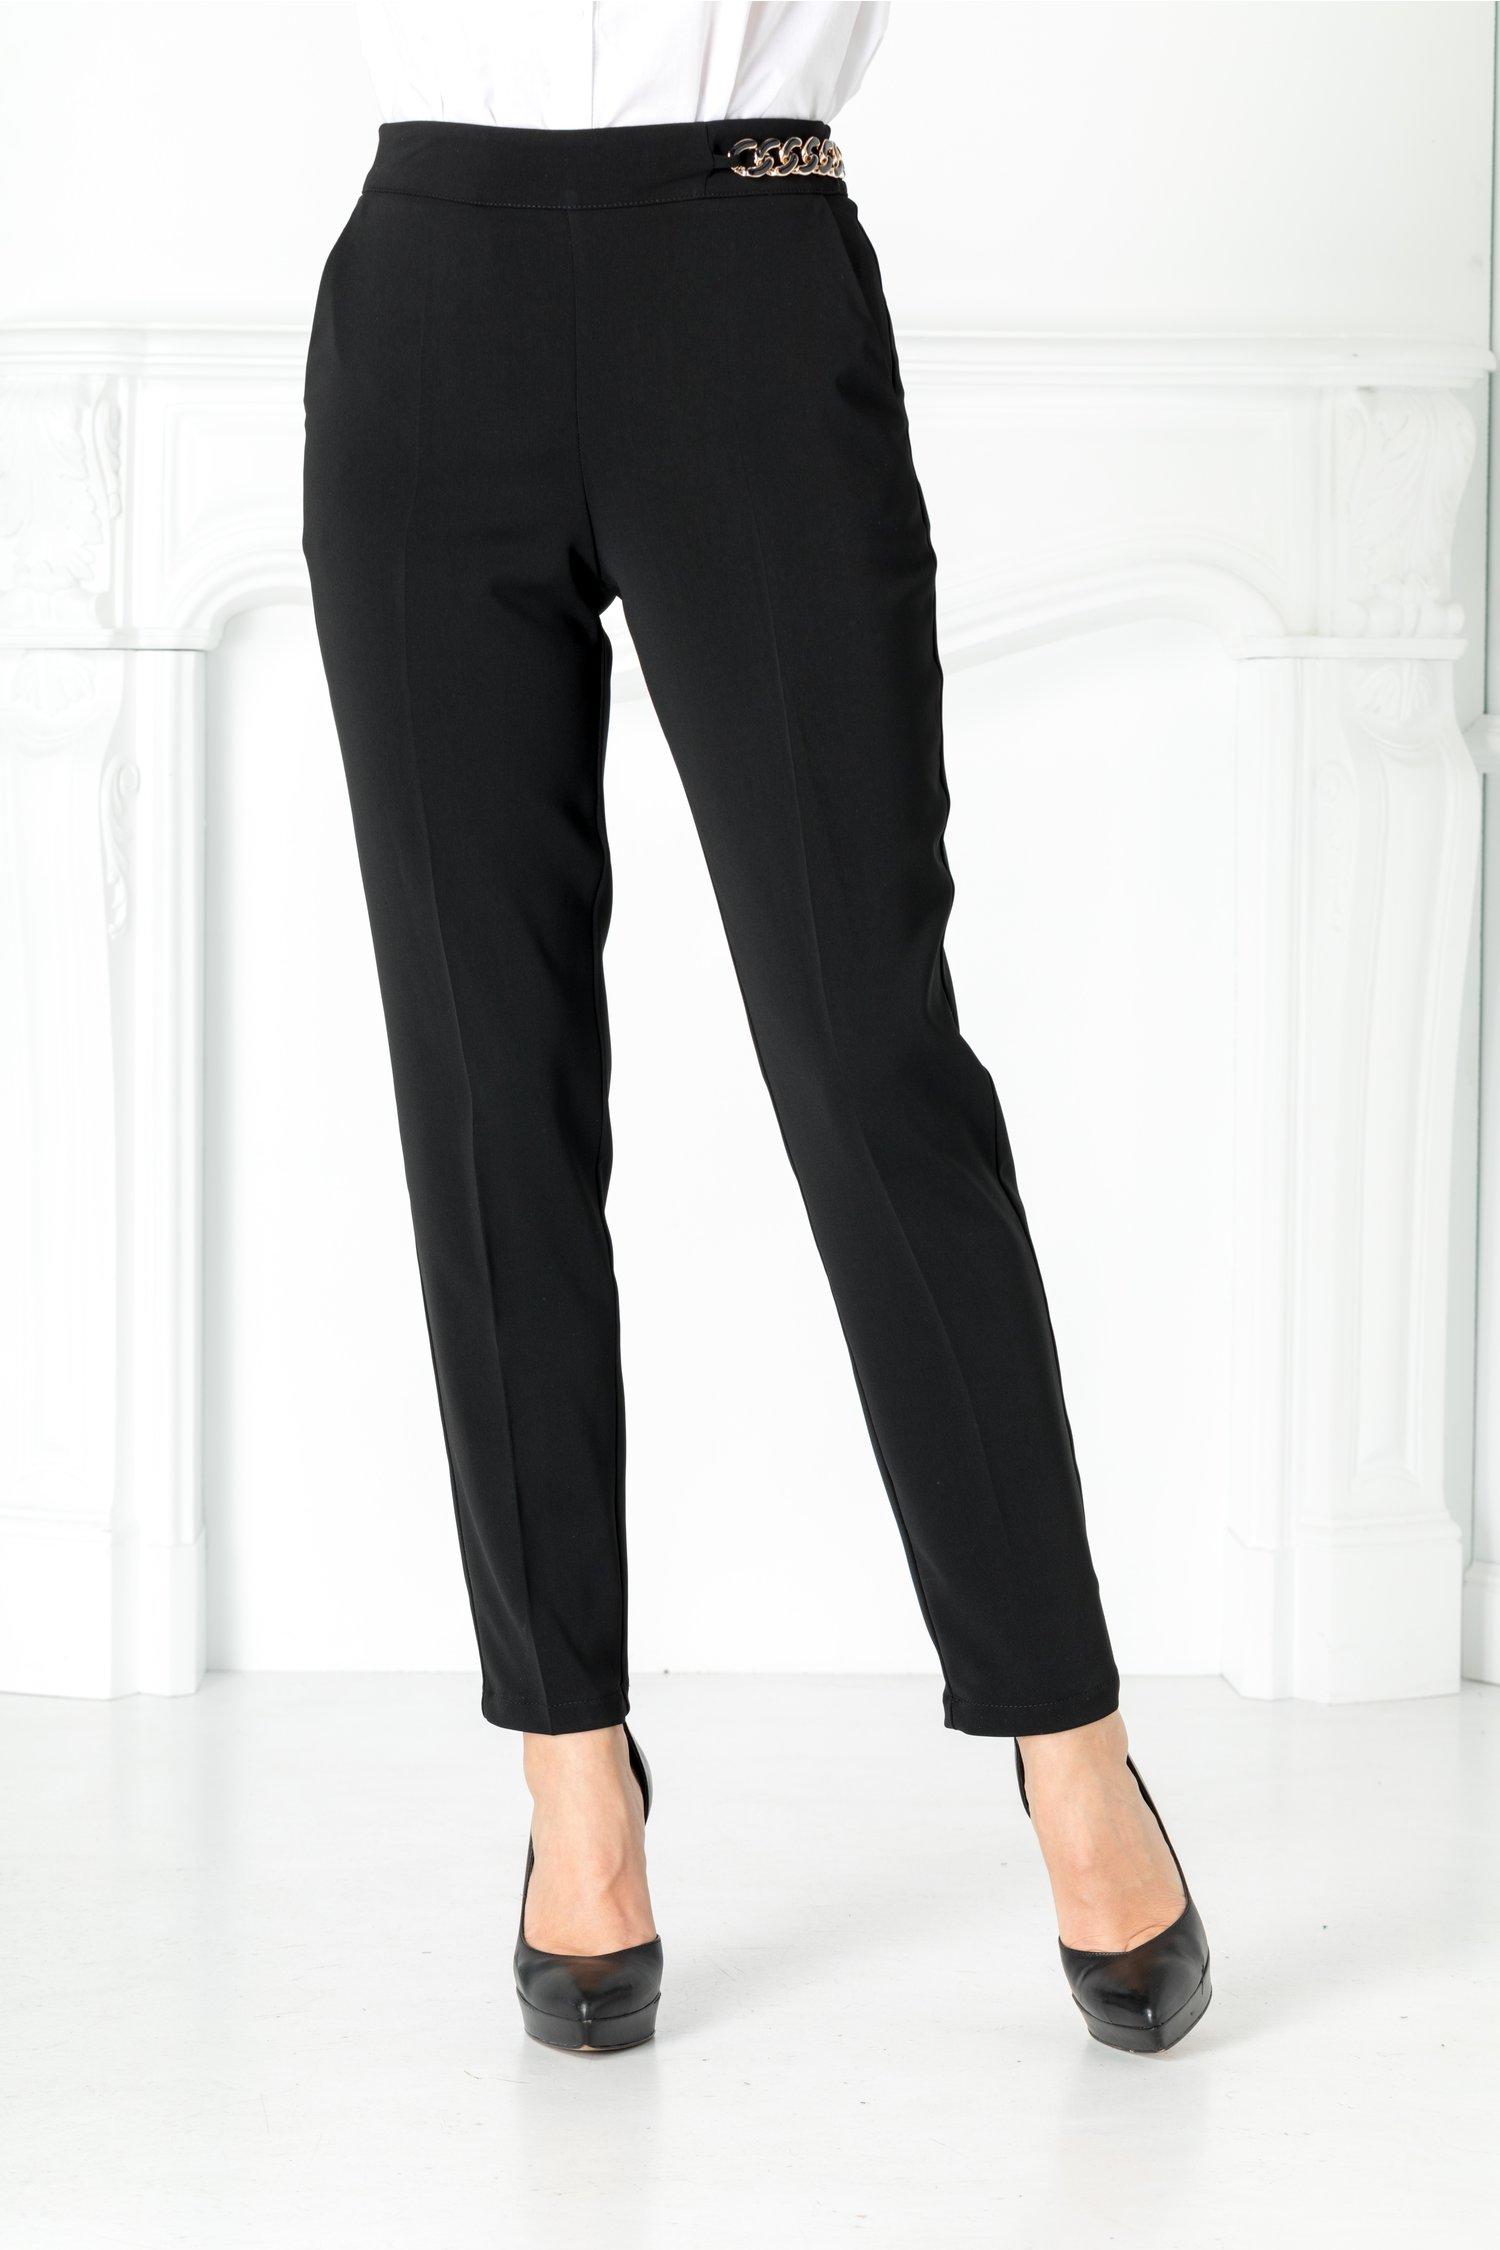 Pantaloni negri cu aplicatie in talie pe o parte